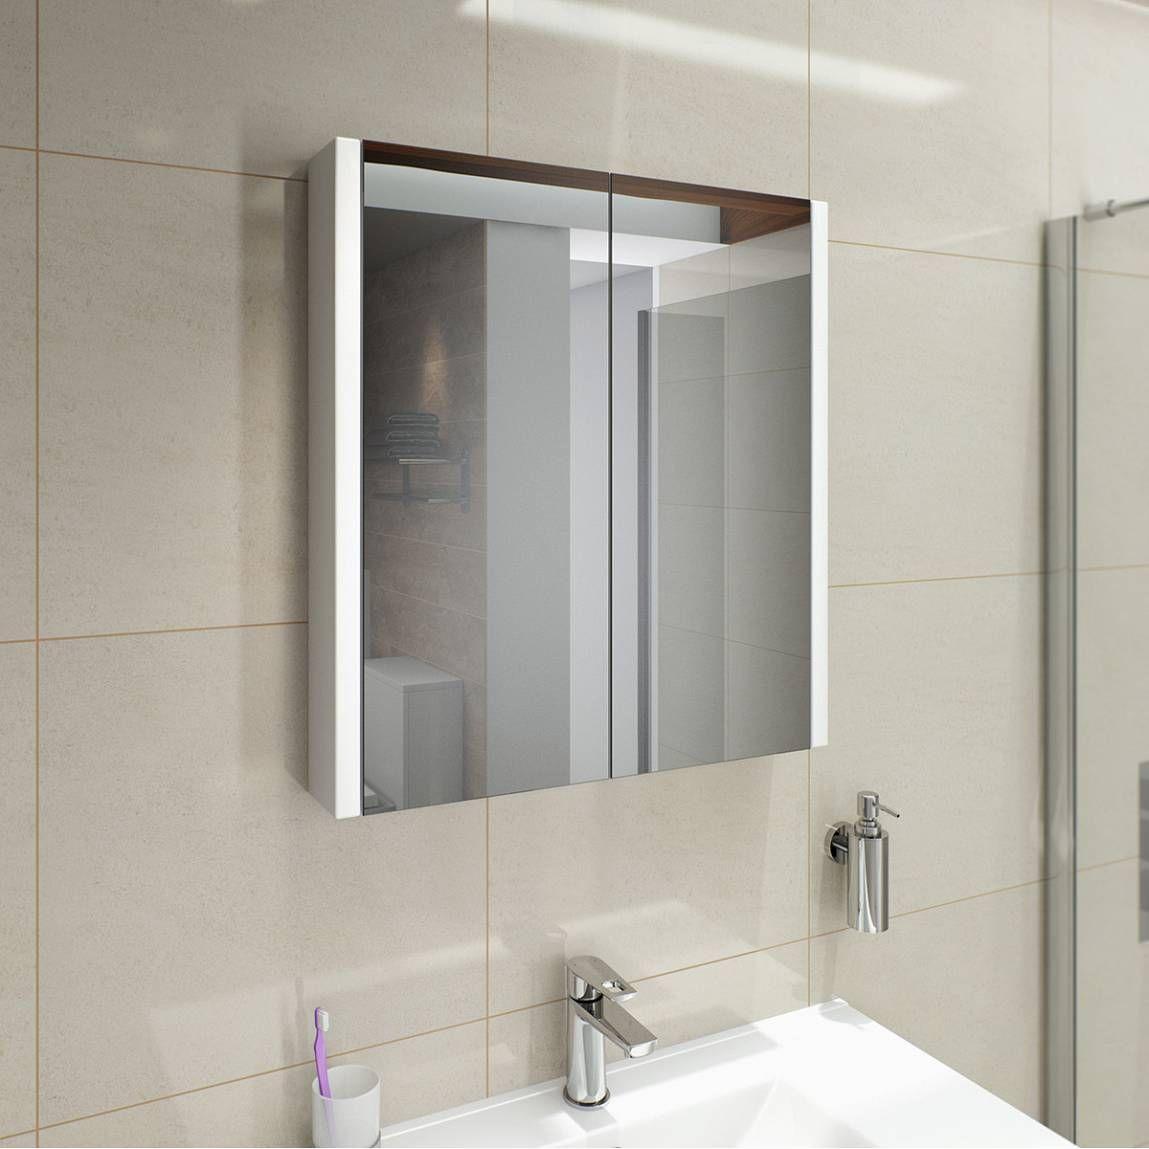 odessa white 2 door mirror cabinet 70 65cm x 60cm x 10cm